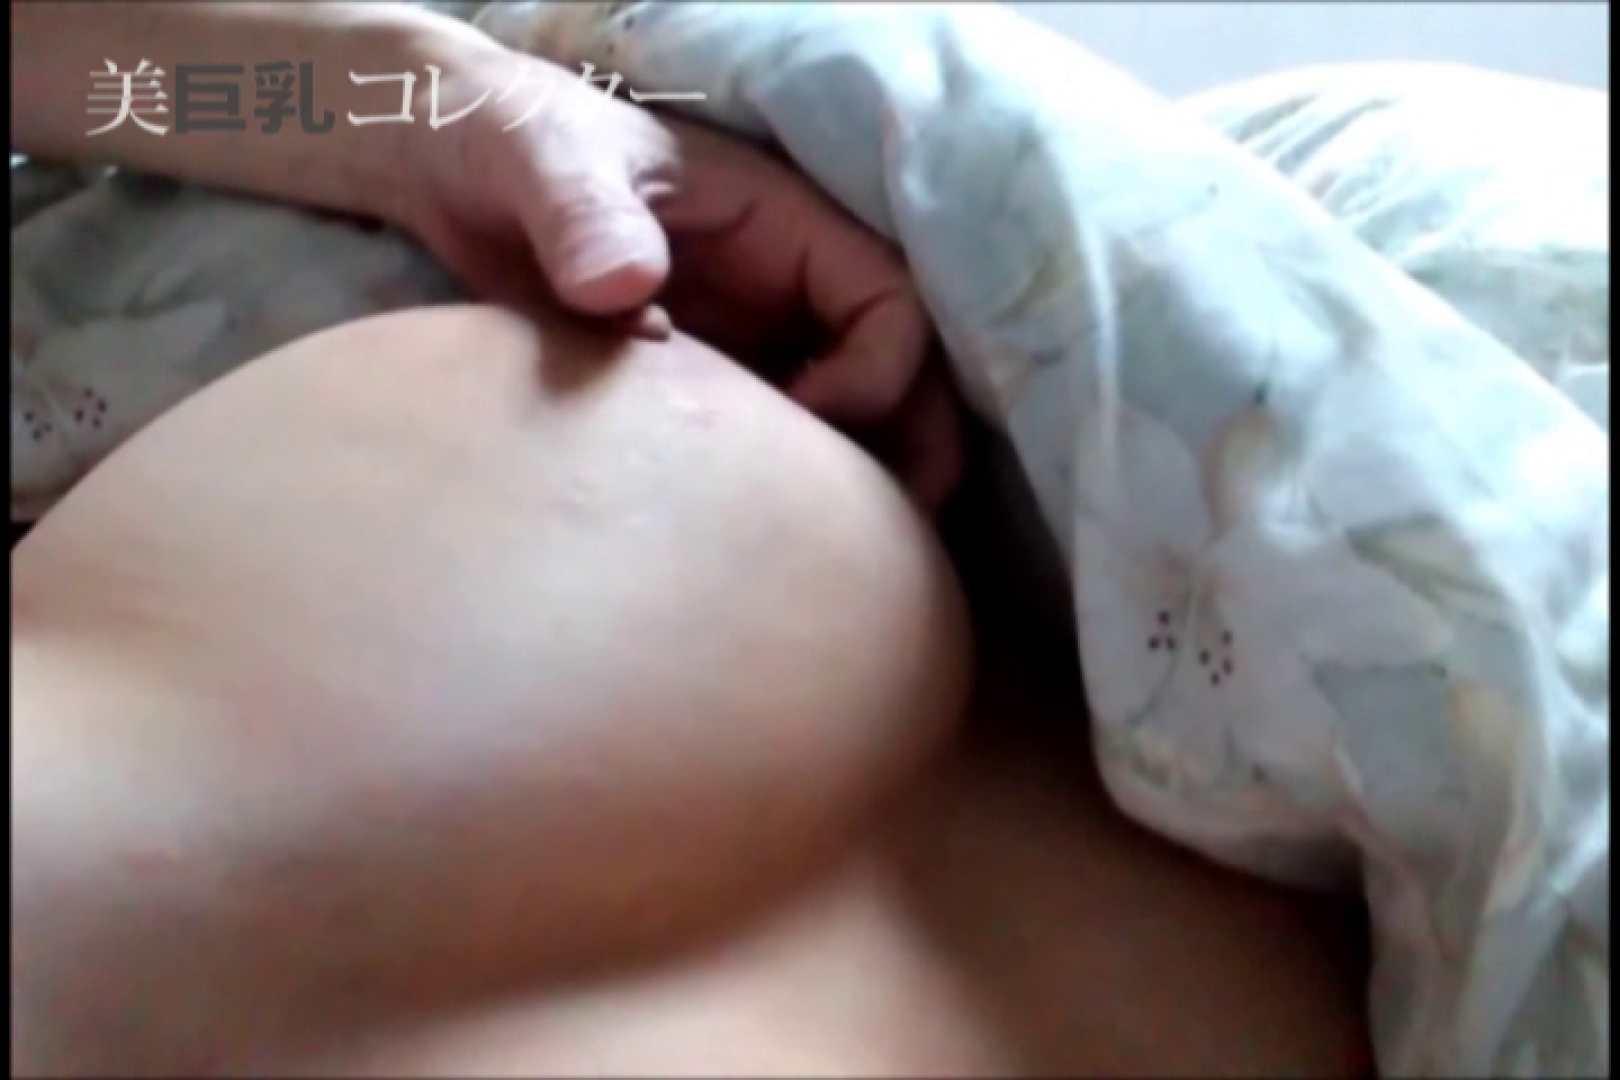 泥酔Hカップ爆乳ギャル2 ギャル オメコ無修正動画無料 110pic 66